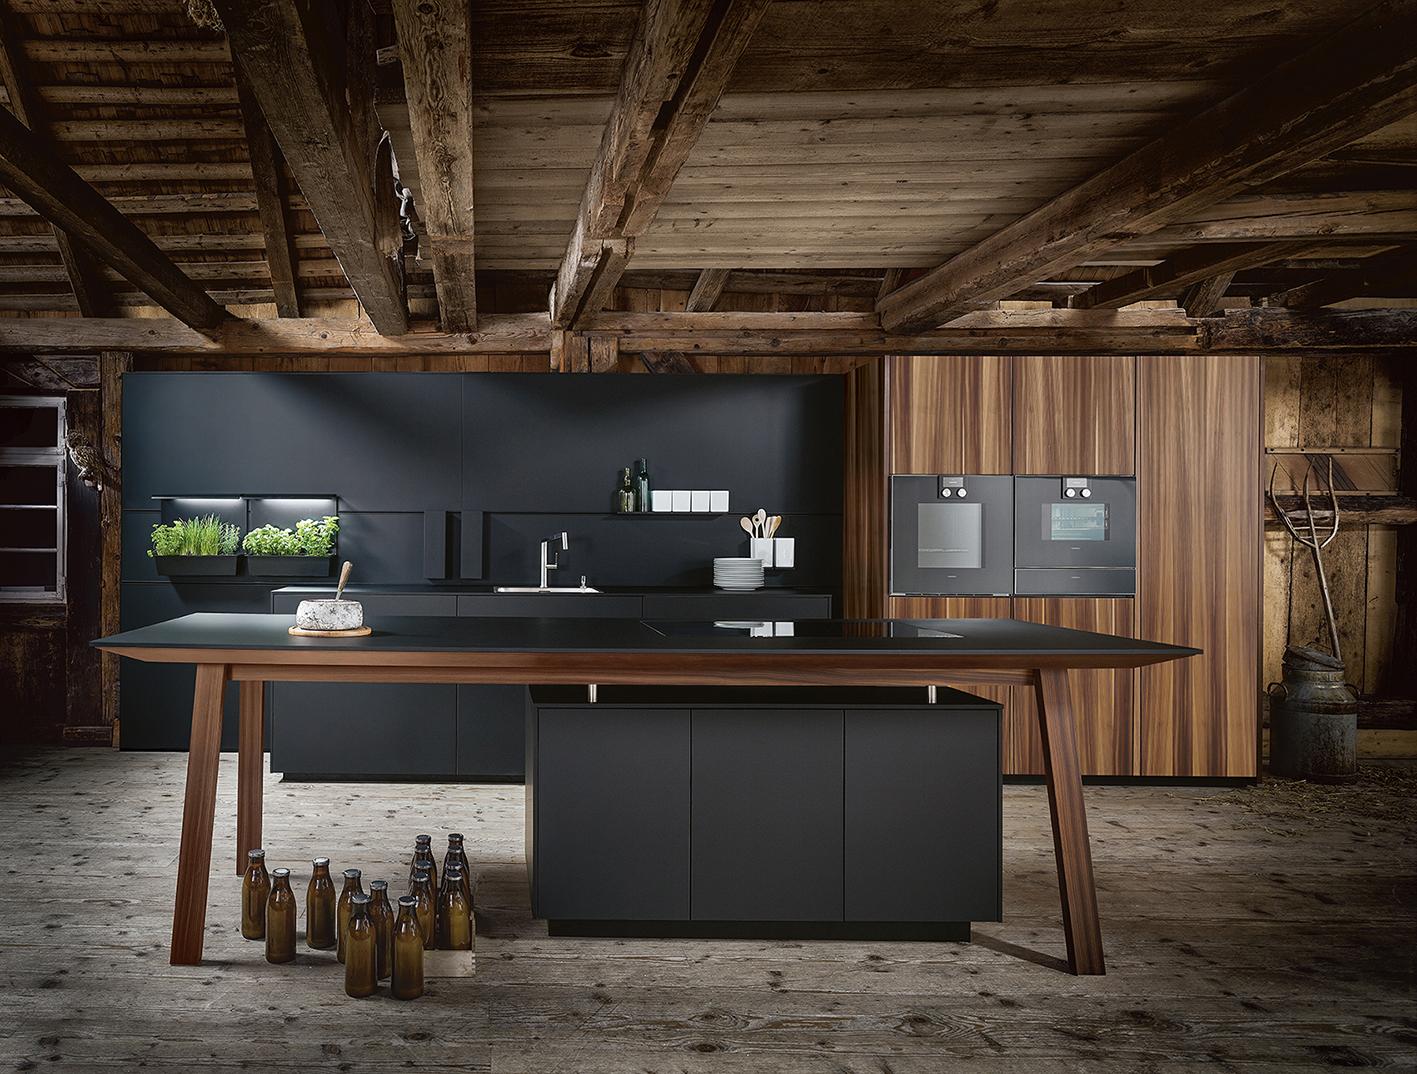 Photo parfaite cuisite équipée charme nordique et modernité projet sur mesure cuisiniste annecy